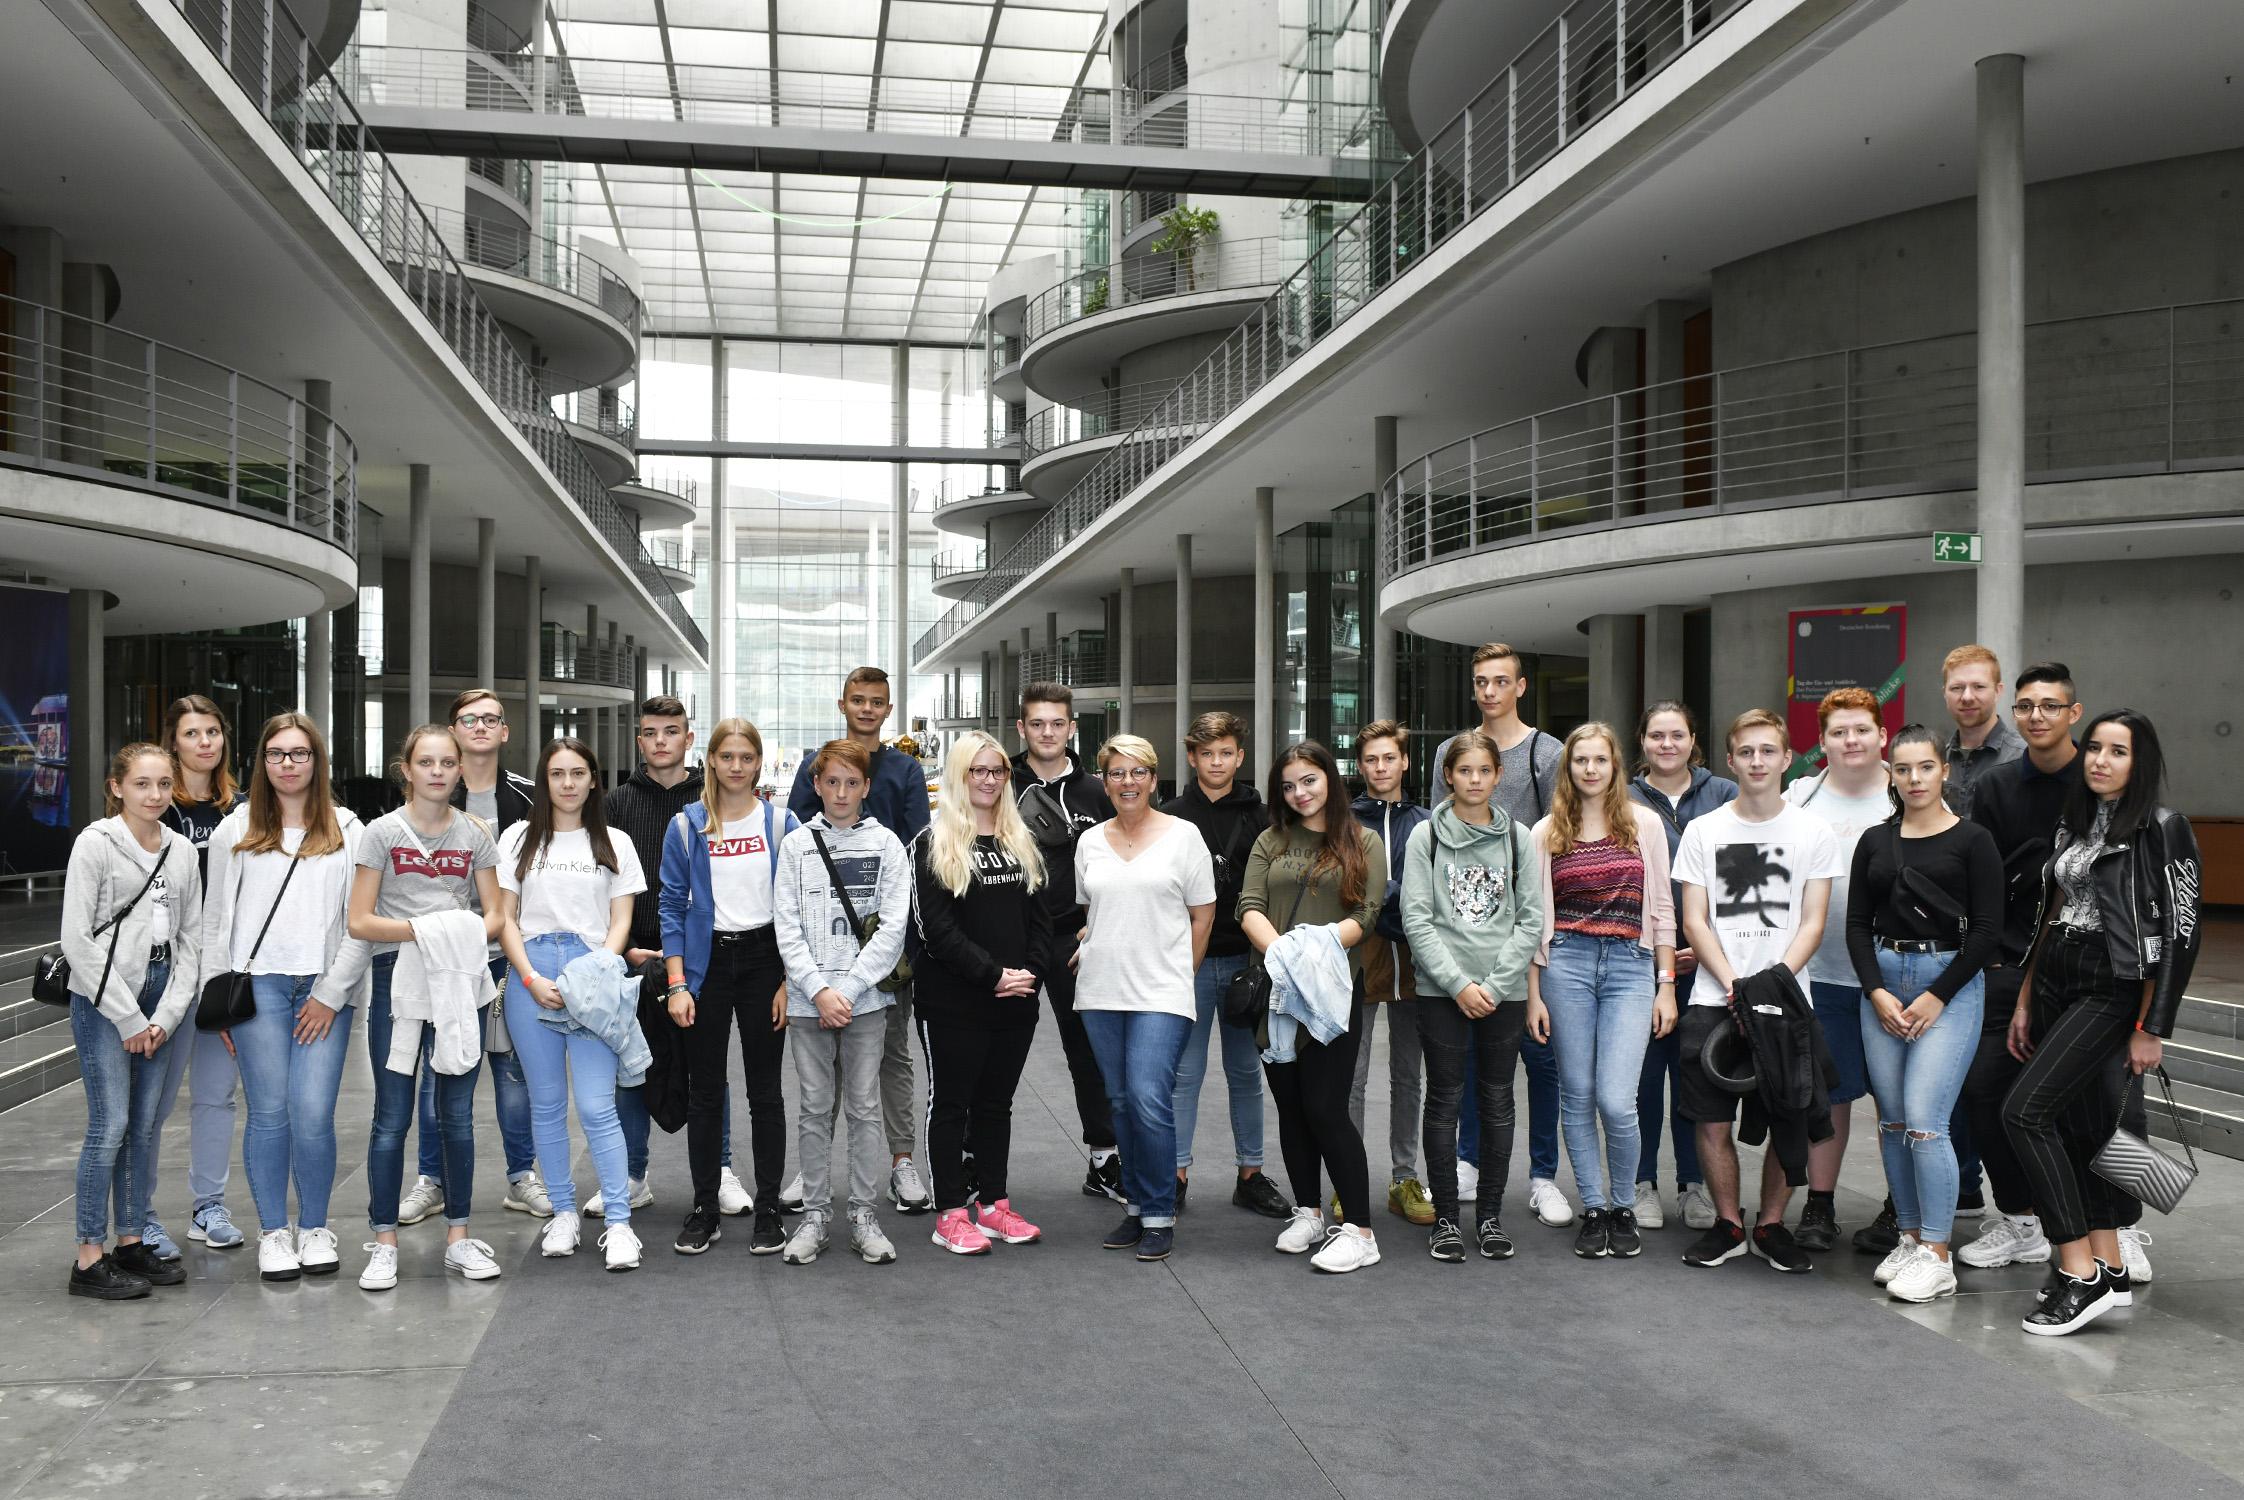 9. Klasse der Realschule aus Durmersheim auf Studienfahrt.